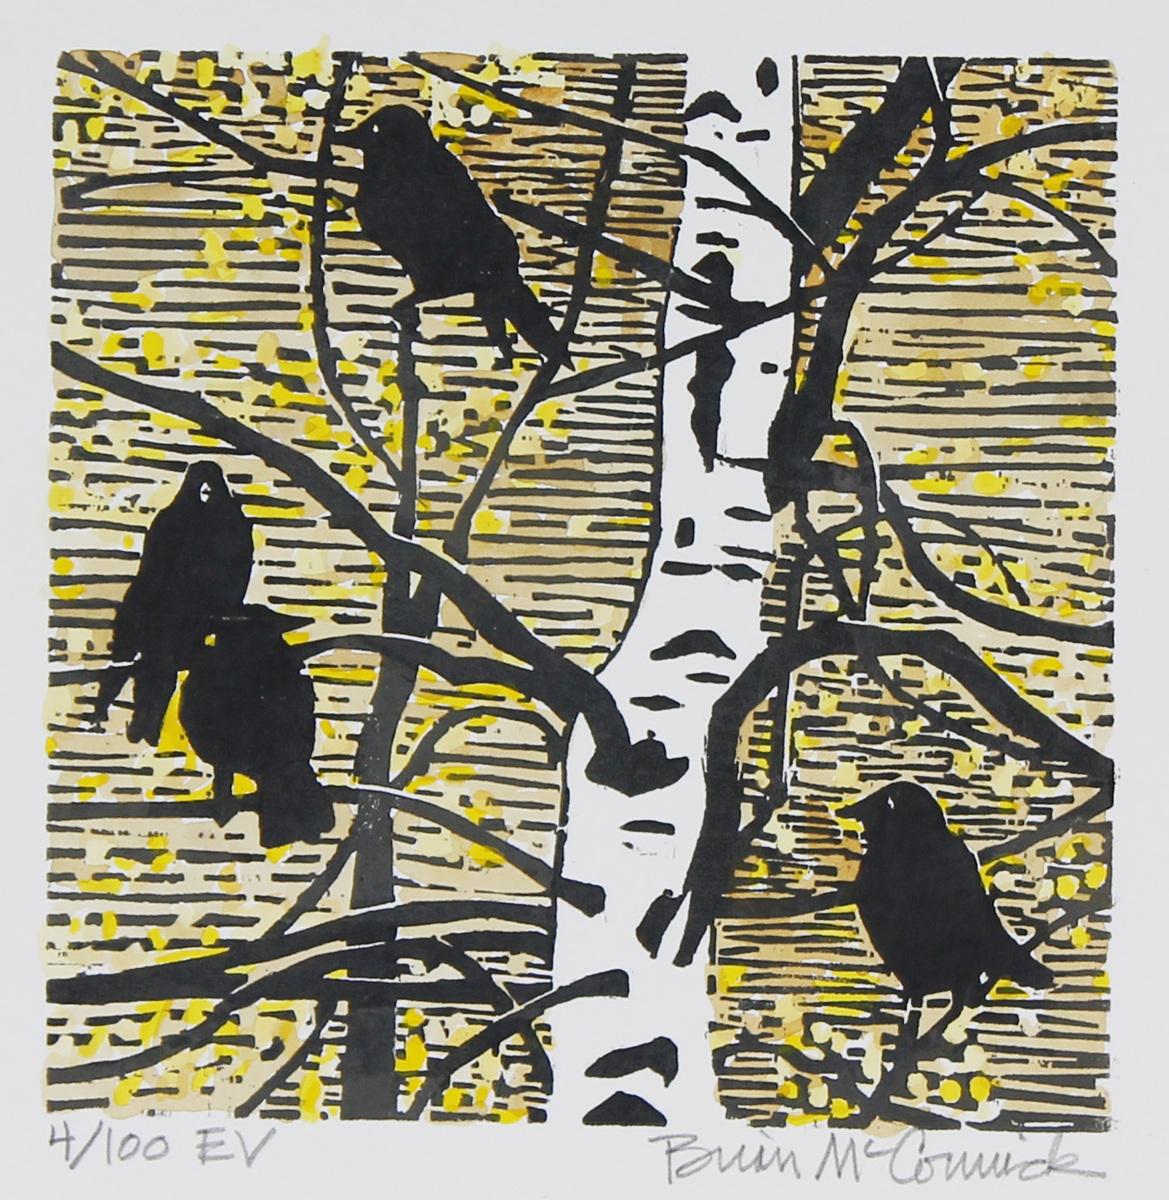 Four Crows, 4/100 EV (large view)